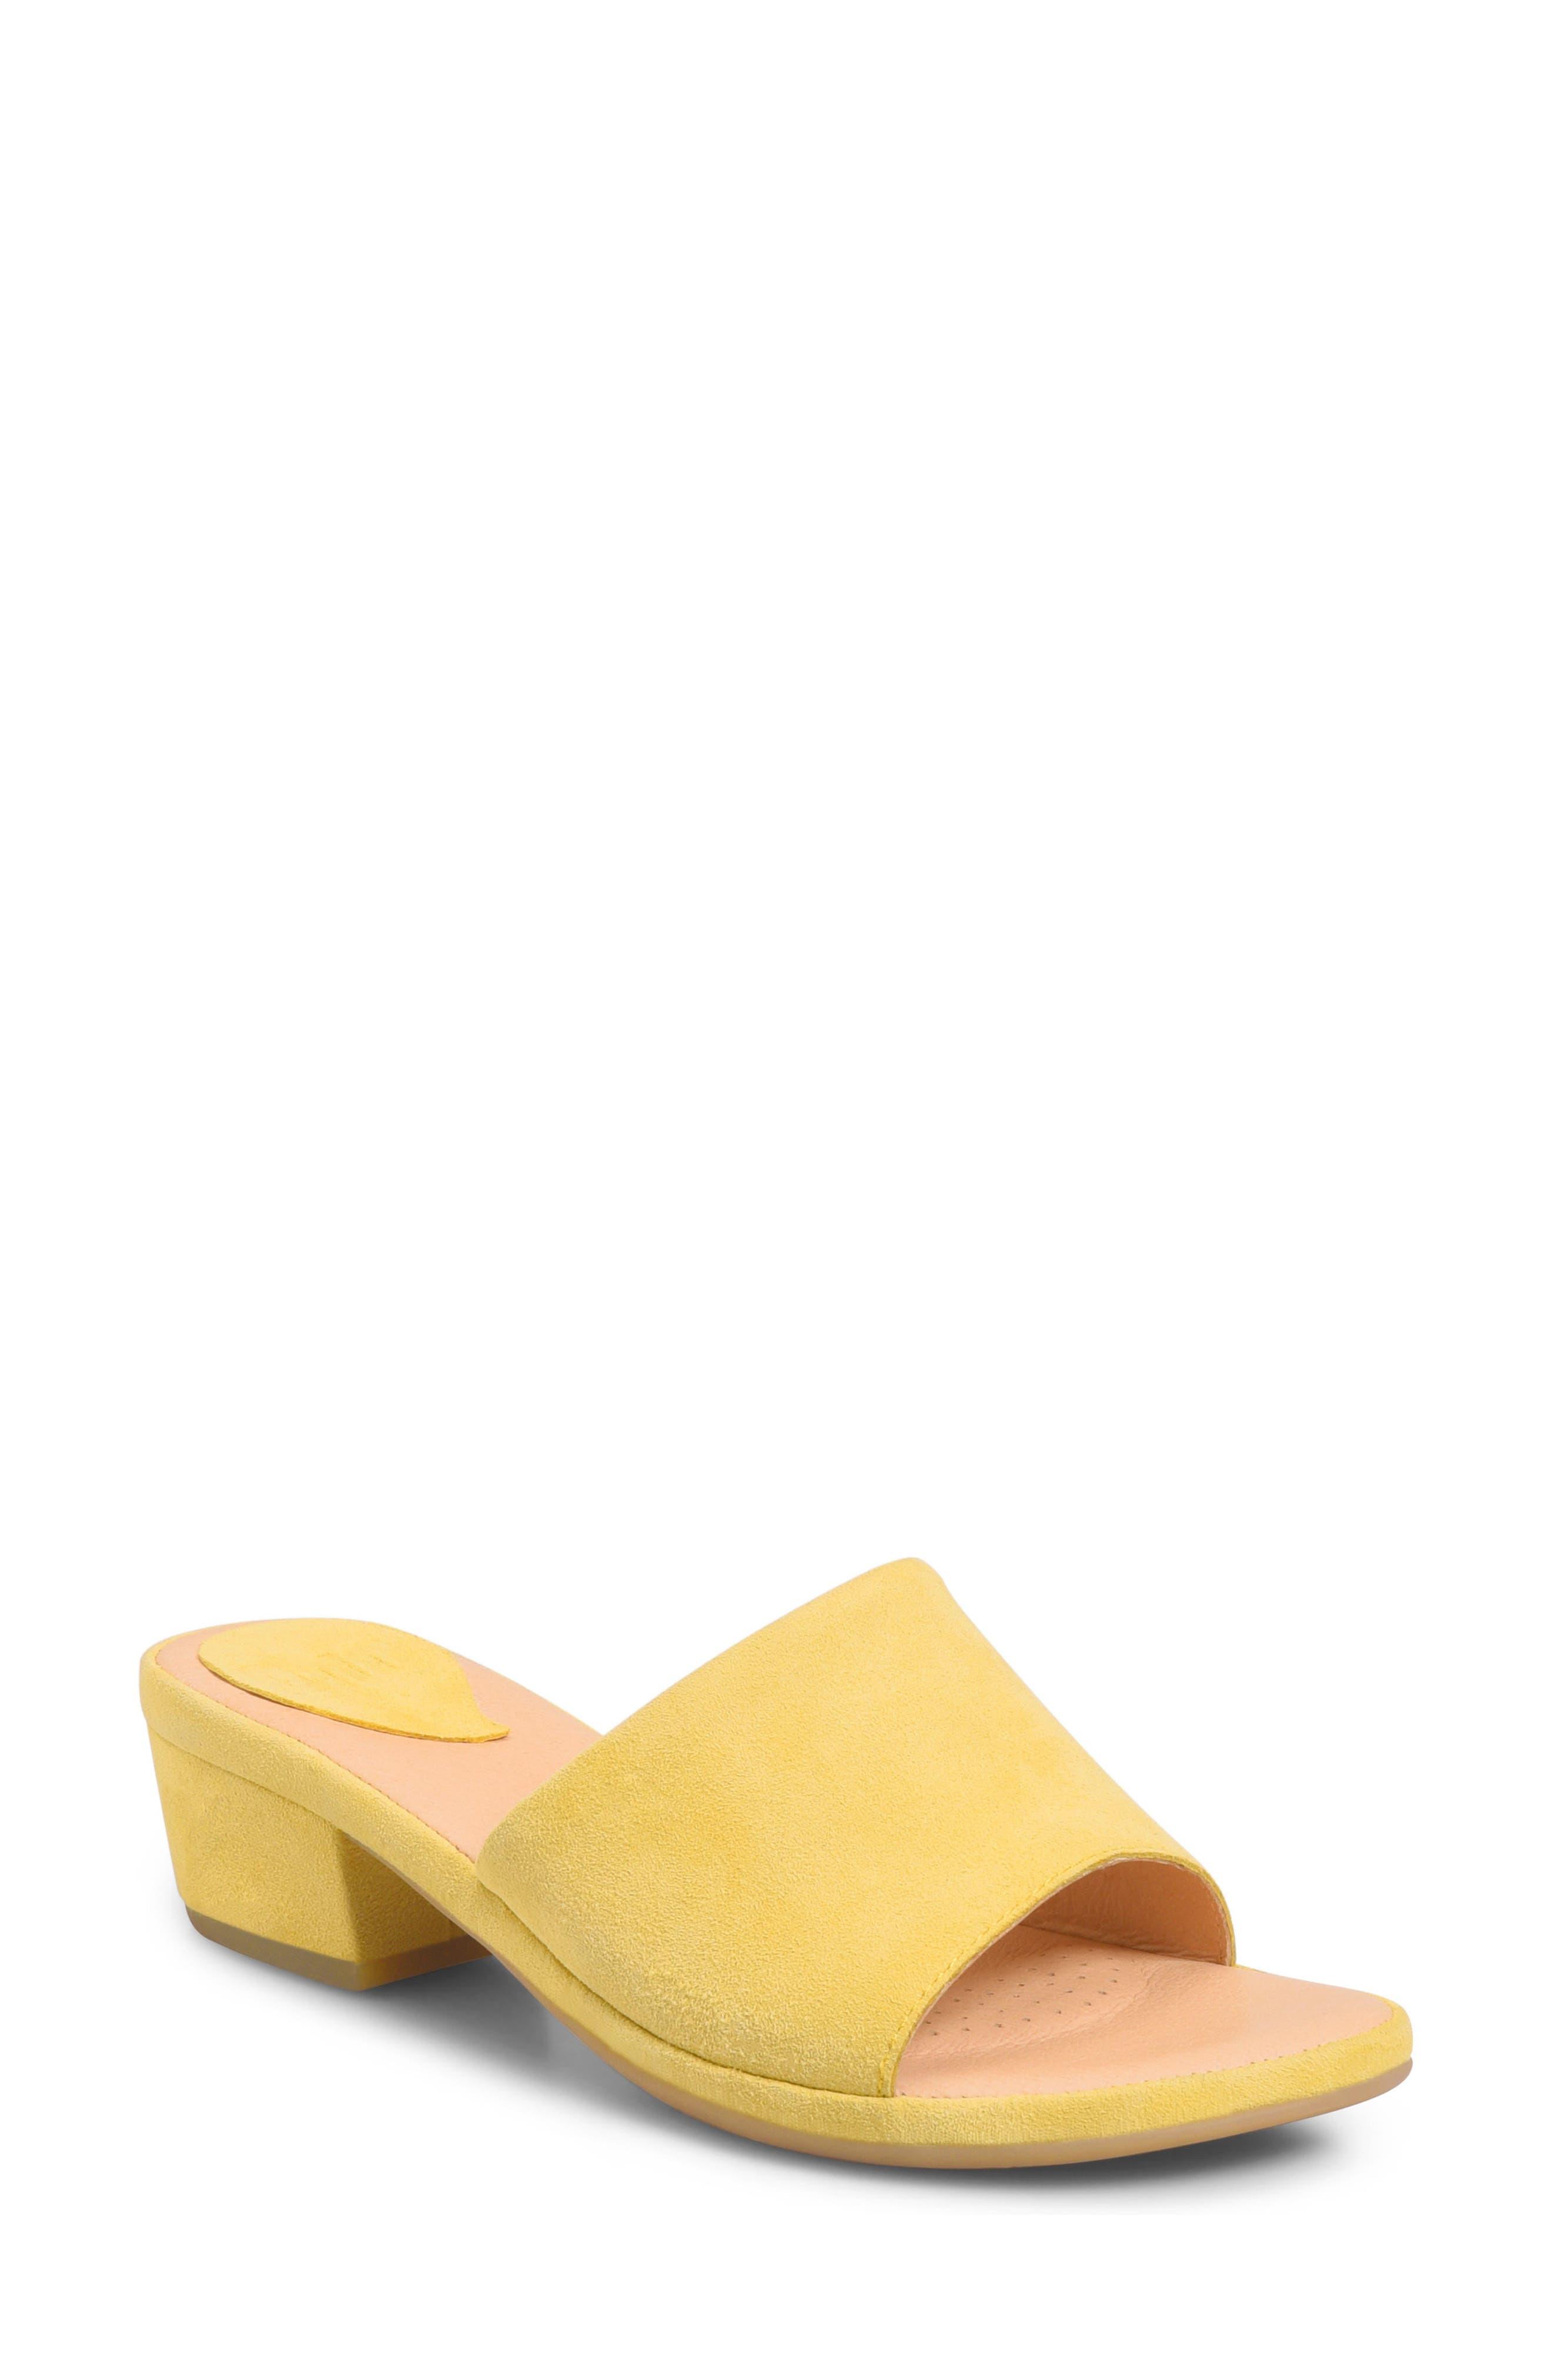 Bo Block Heel Slide Sandal,                             Main thumbnail 1, color,                             Yellow Suede